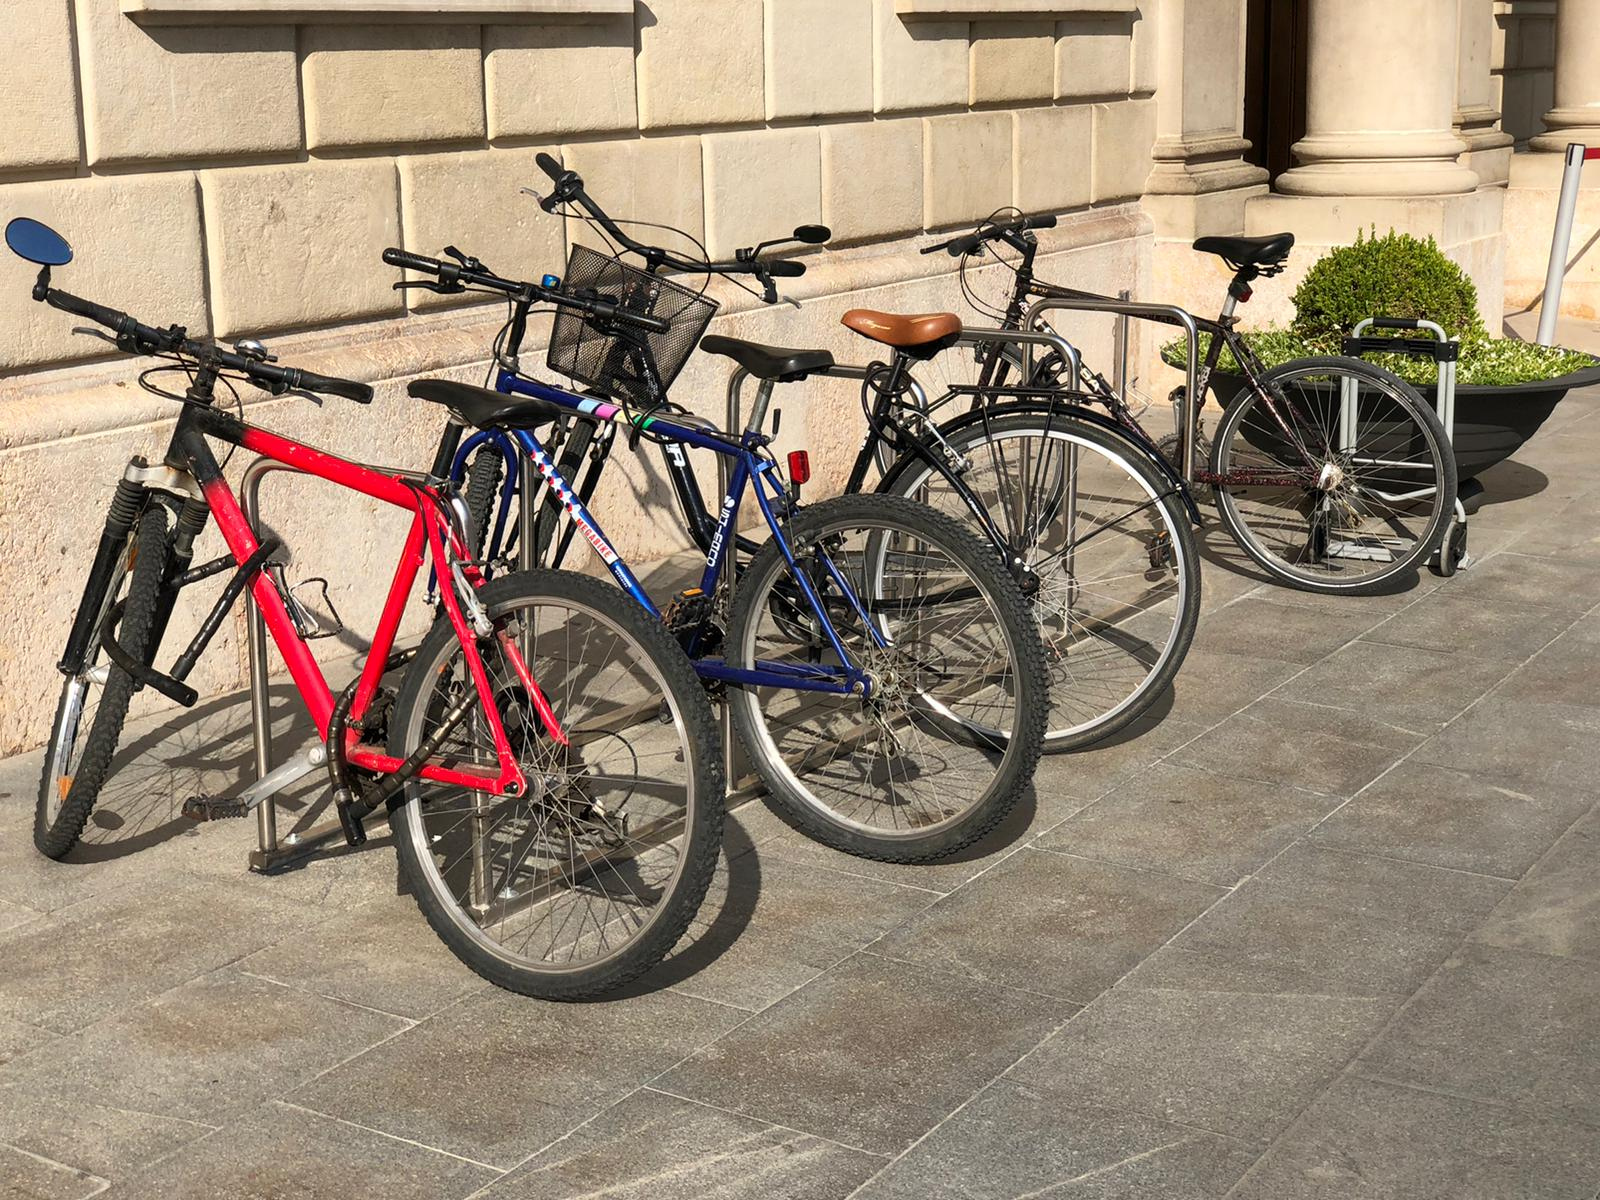 Vehicles de mobilitat personal i transport sostenible a Reus